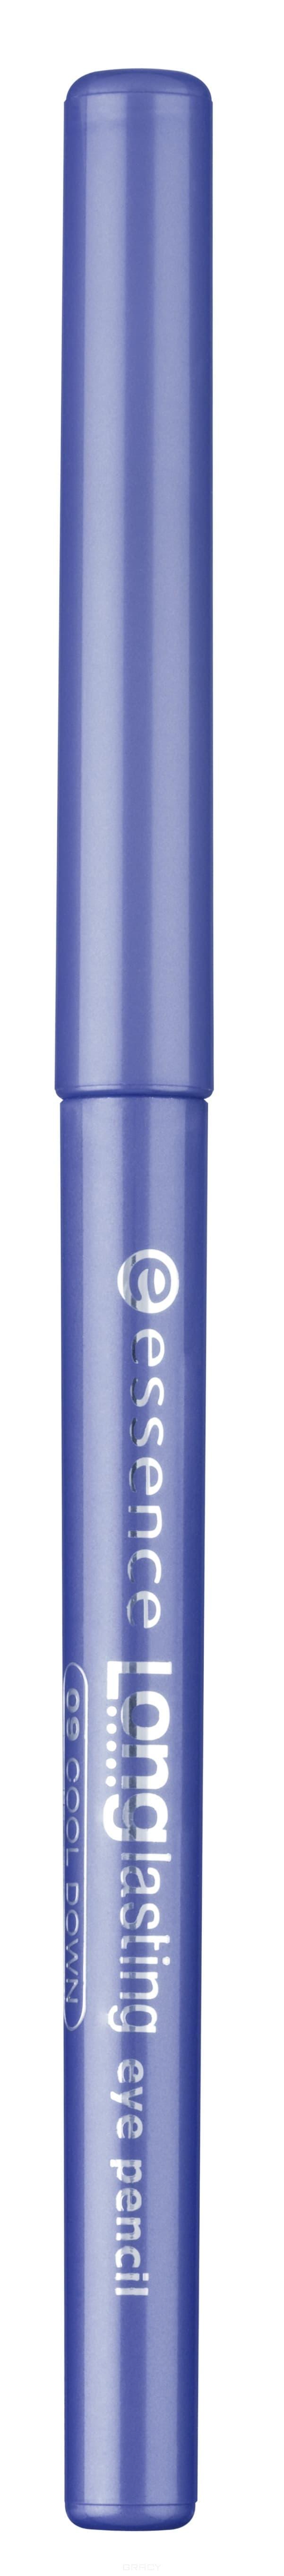 Essence, Карандаш для глаз Long Lasting, 0.28 гр (15 цветов) №09, синий цена